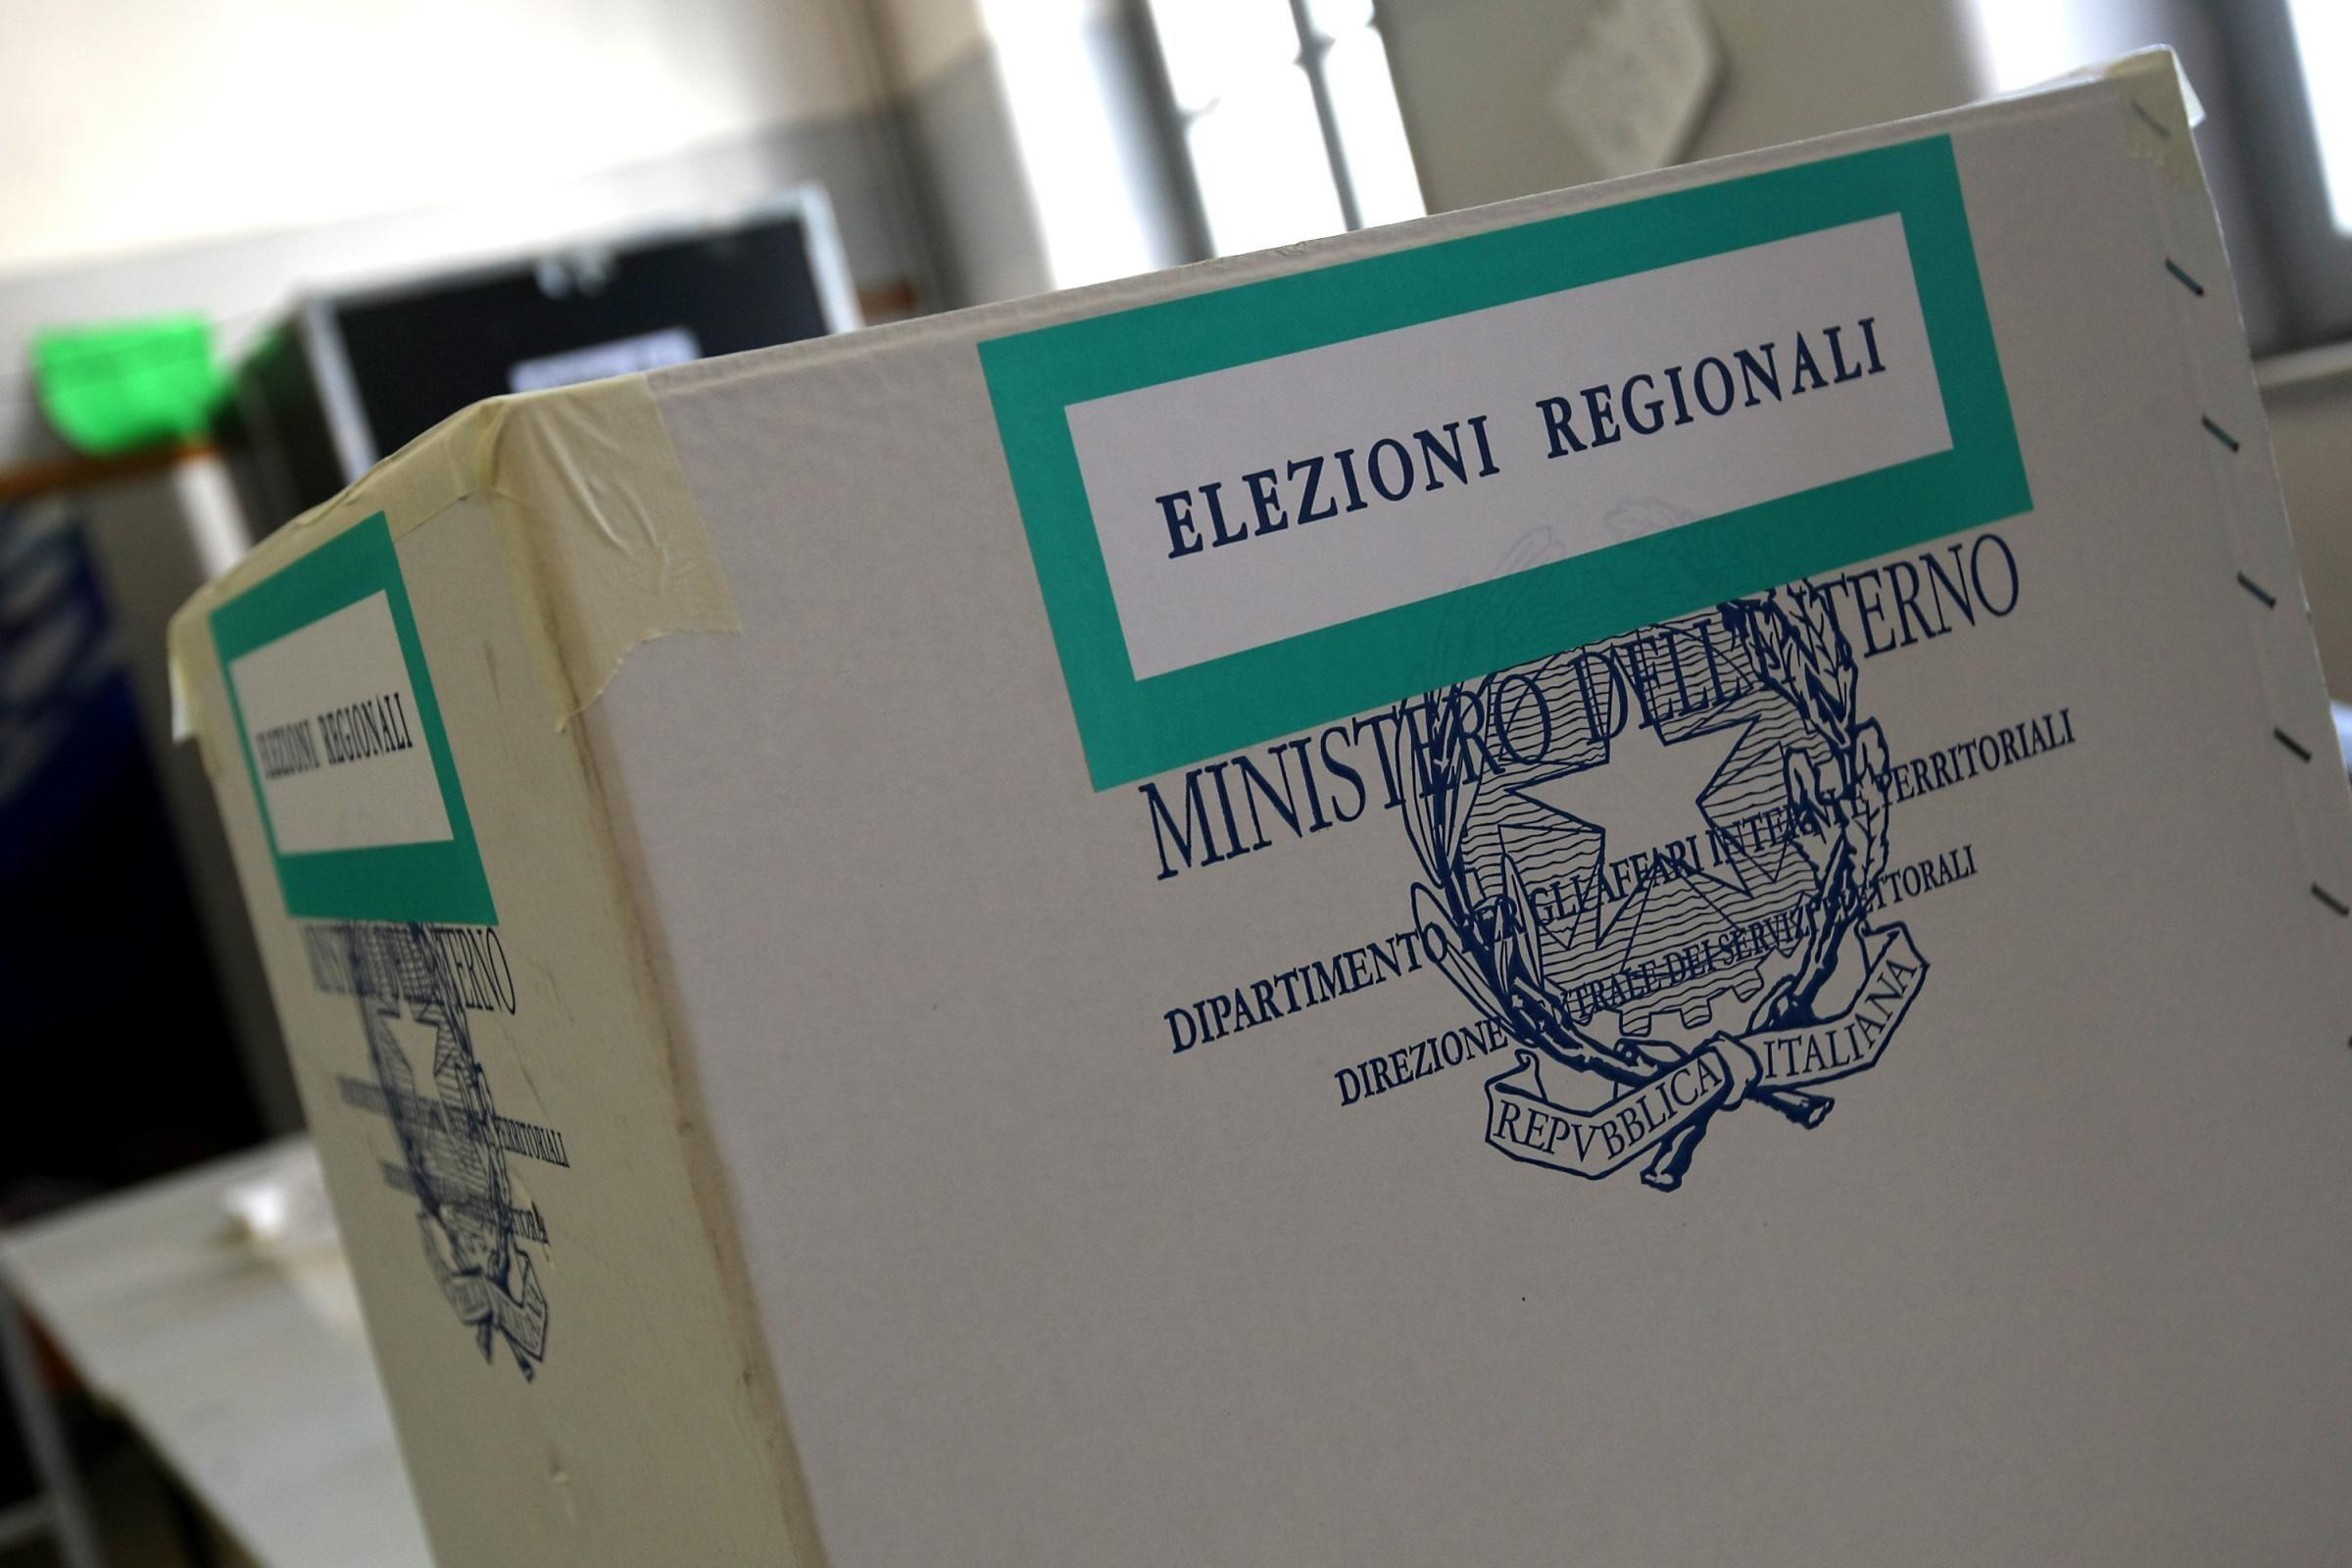 elezioni regionali 2019 dove e quando si vota